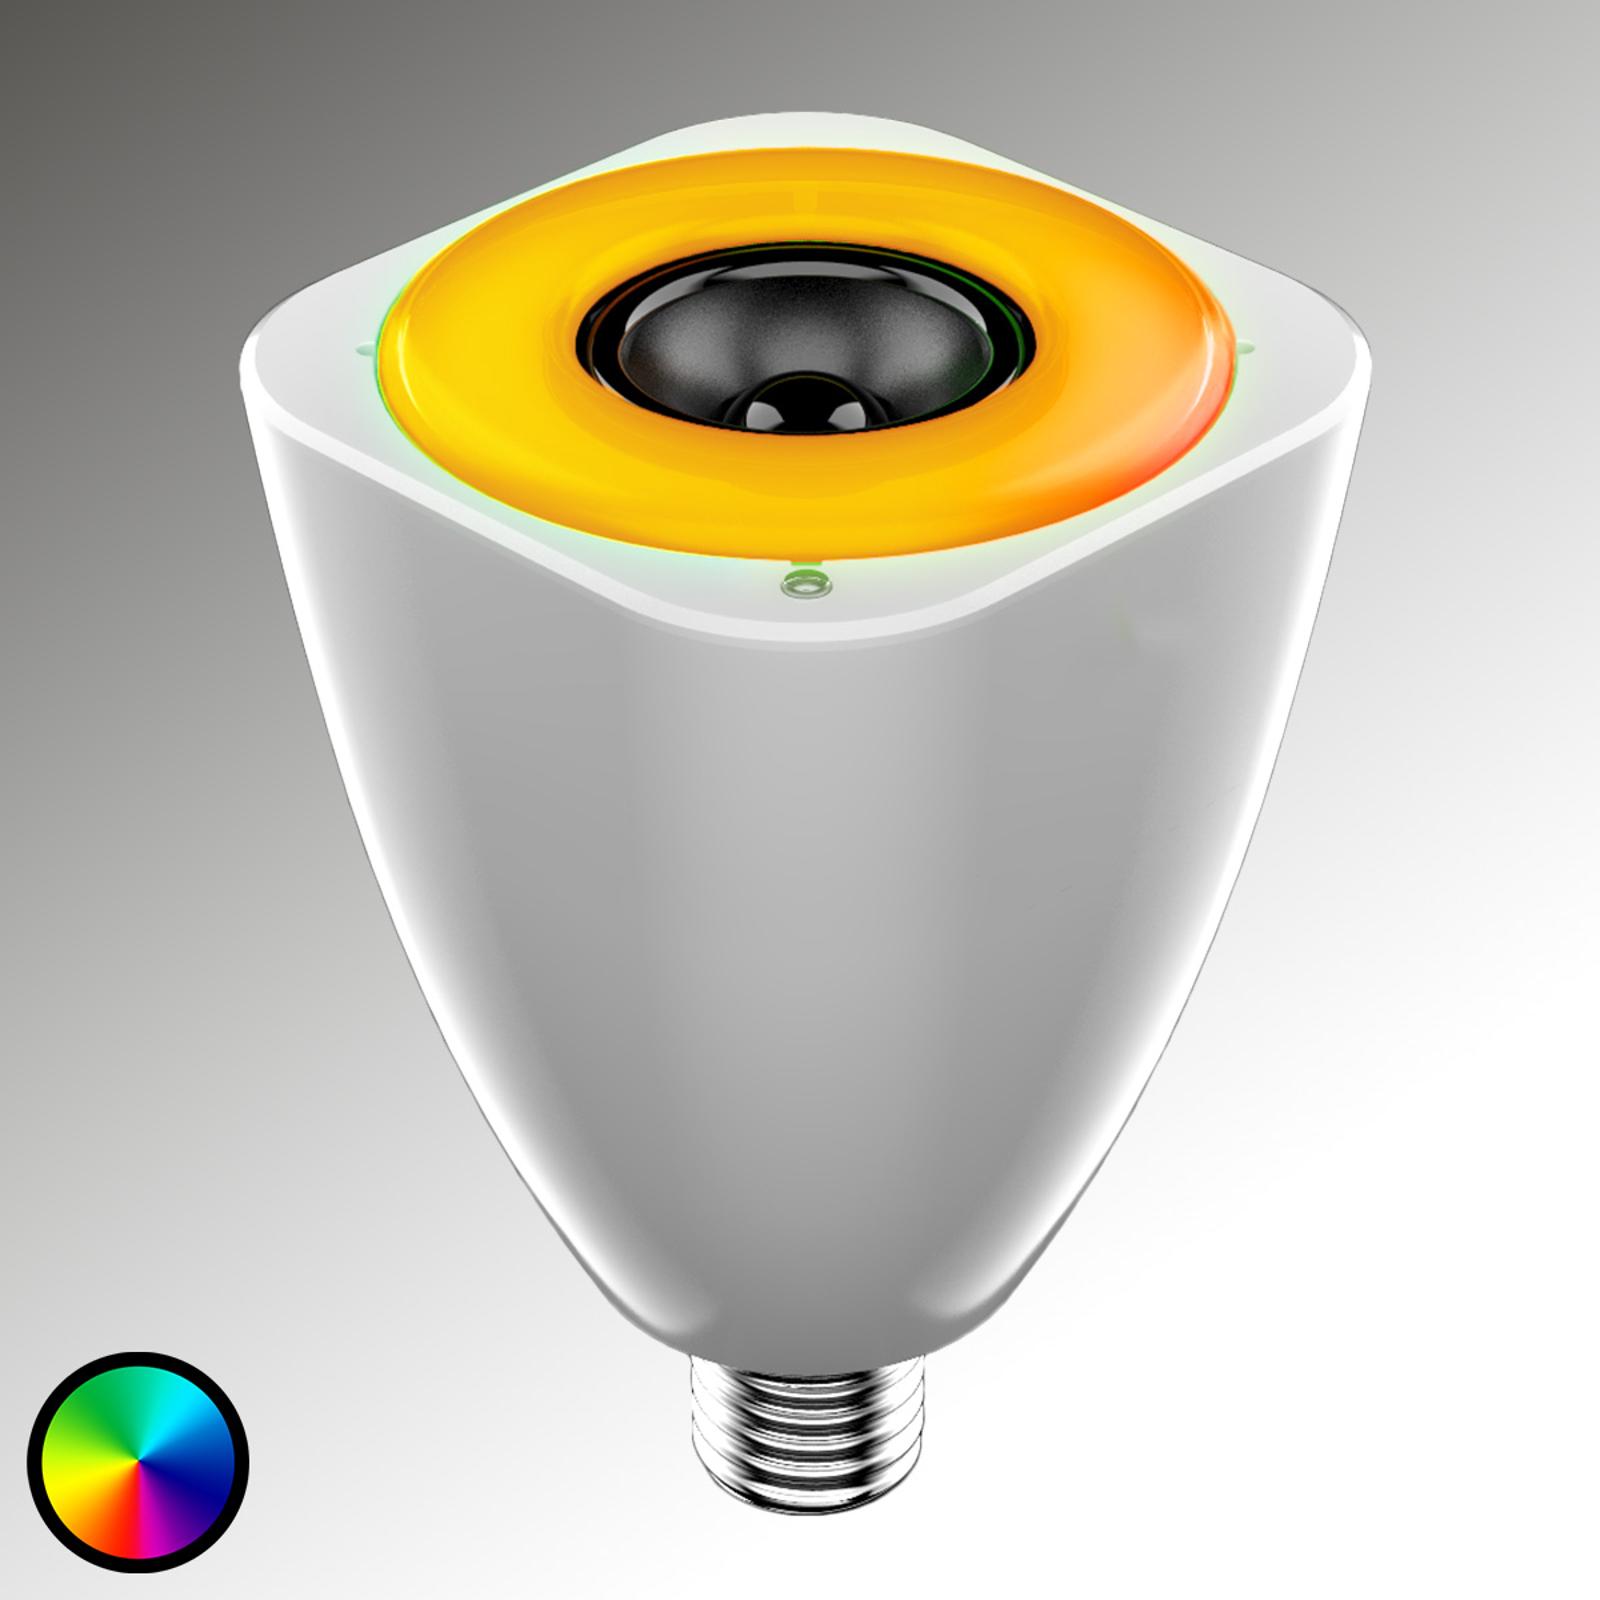 AwoX StriimLIGHT WiFi-Color LED lampadina E27, 7 W